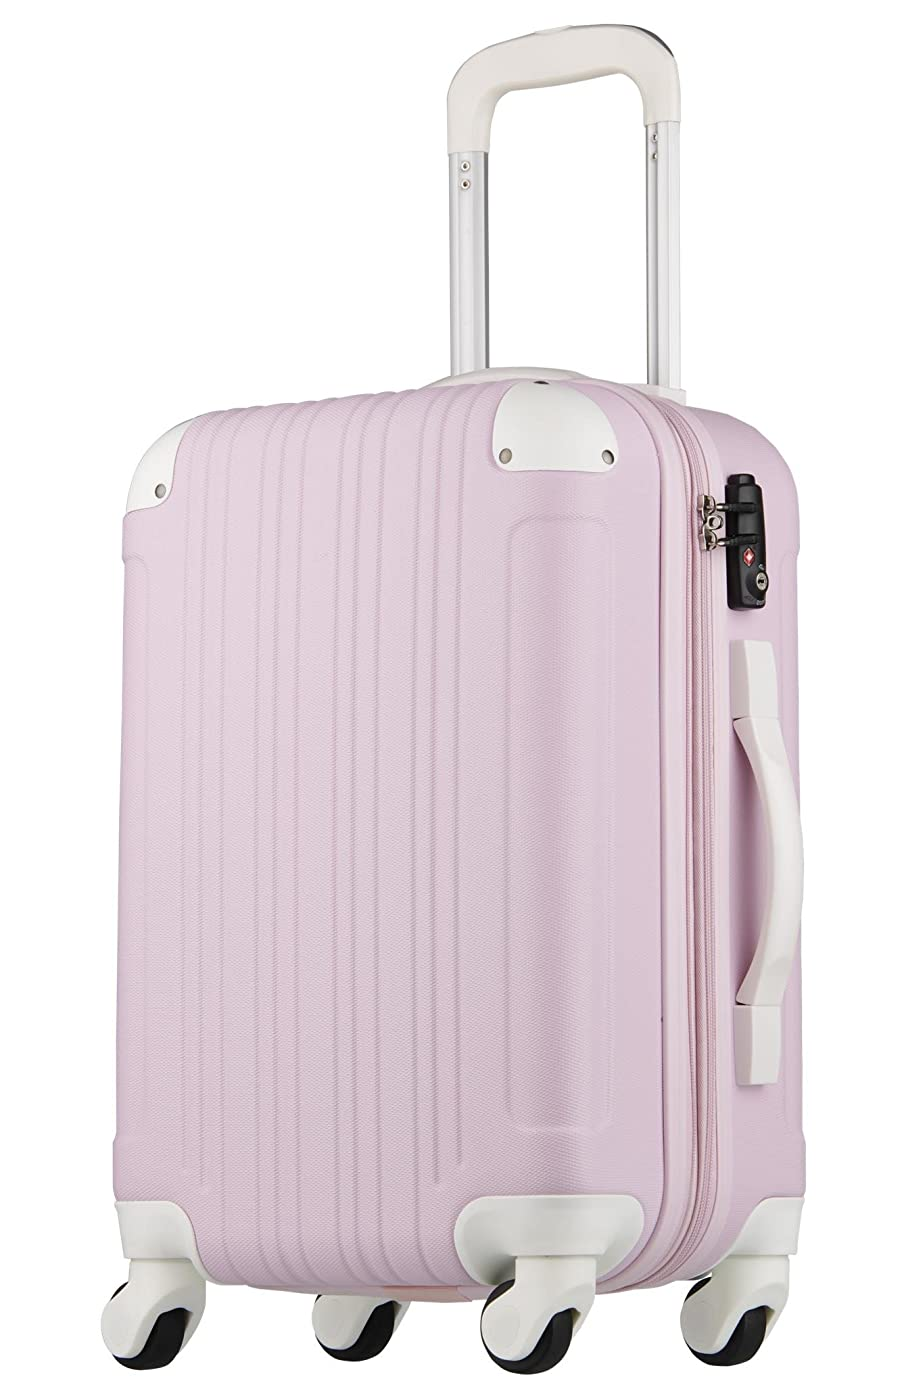 調和安全うつ【レジェンドウォーカー】LEGEND WALKER スーツケース キャリーケース キャリーバッグ 機内持込 S M L ファスナー 傷が目立ちにくい TSAロック ハードキャリー 拡張 ジッパー 女子旅 ギフト 全サイズ 有り 5082